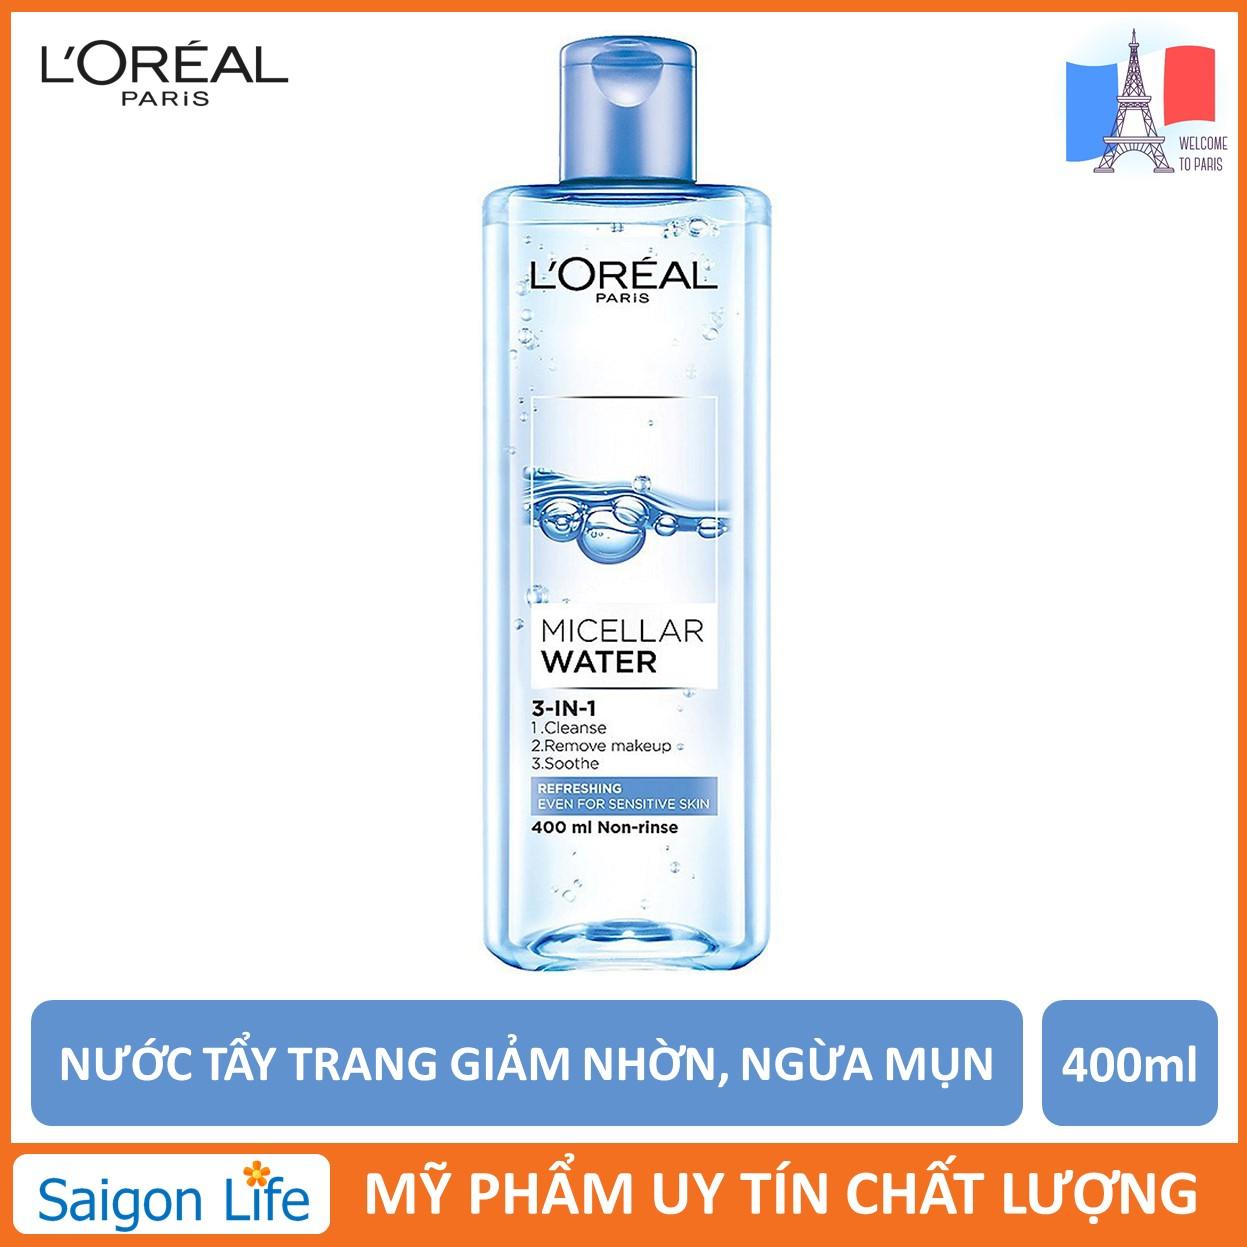 Nước Tẩy Trang Tươi Mát, Giảm Nhờn, Ngừa Mụn L'Oreal Paris 3-in-1 Refreshing Micellar Water 400ml (Xanh Nhạt)